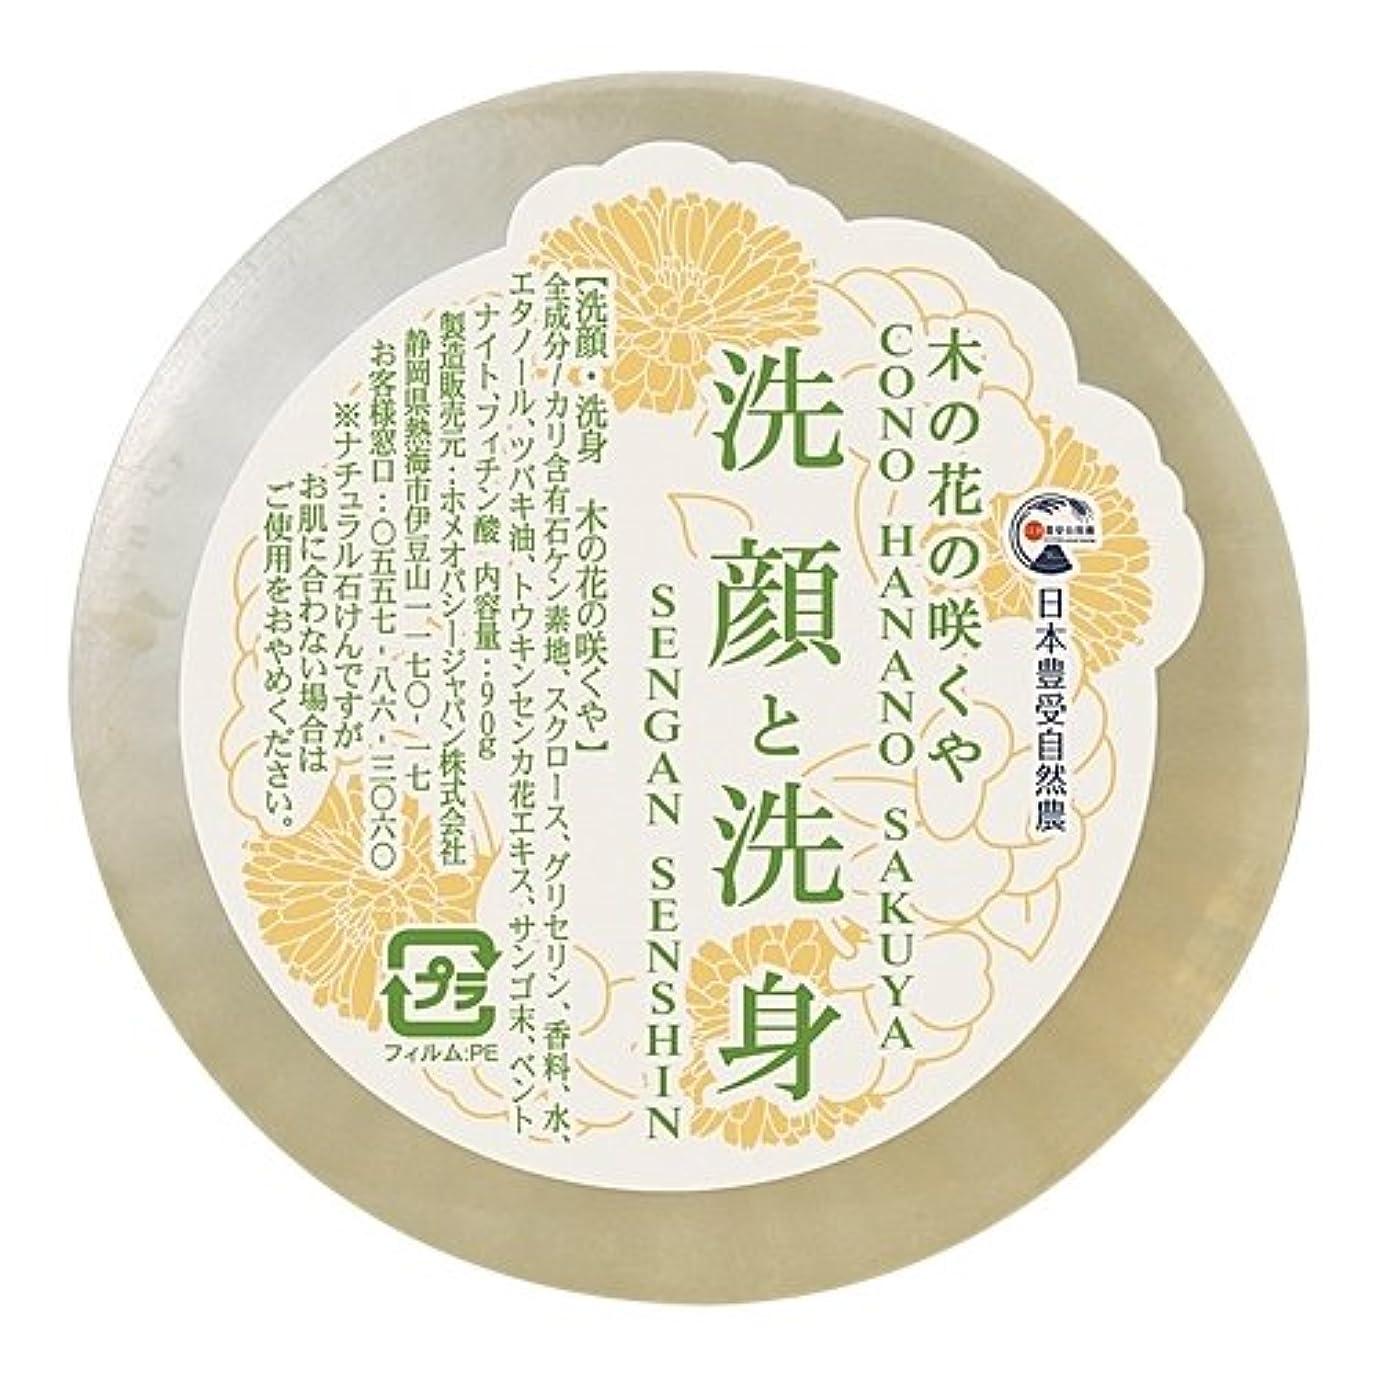 役割しつけうぬぼれ日本豊受自然農 木の花の咲くや 洗顔?洗身ソープ 90g